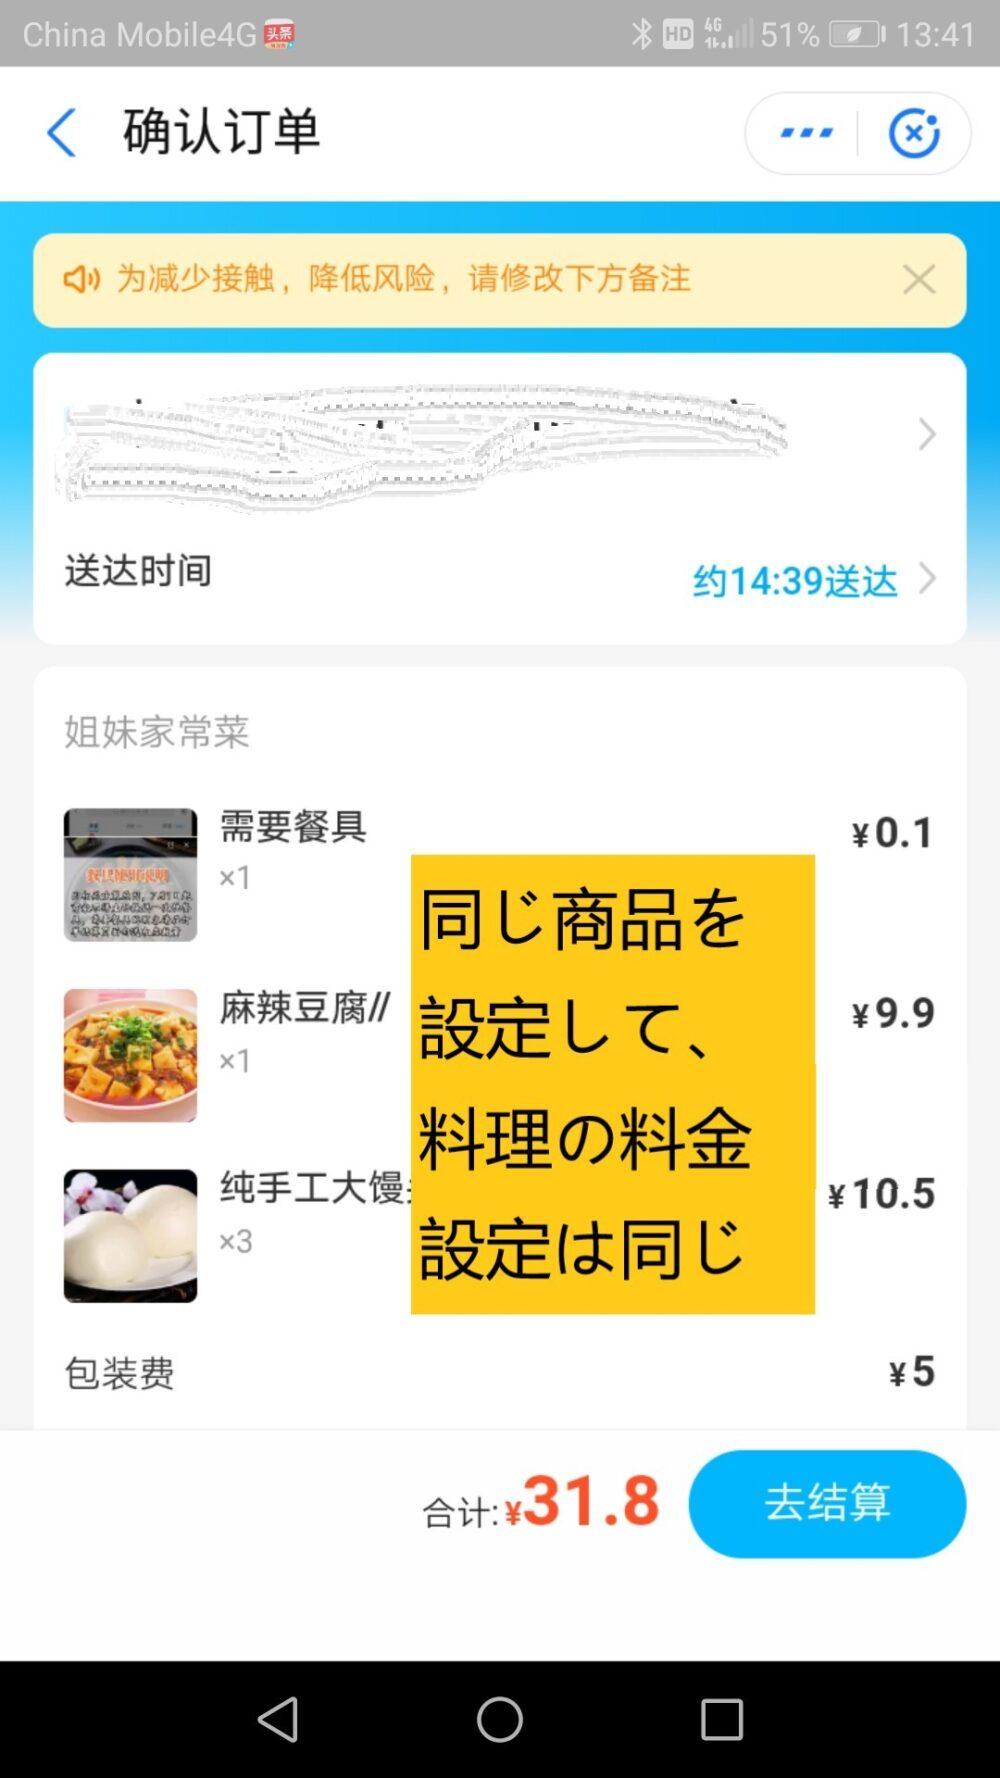 フードデリバリーアプ饿了么リを利用して注文の確認をしているスクリーンショットした画像